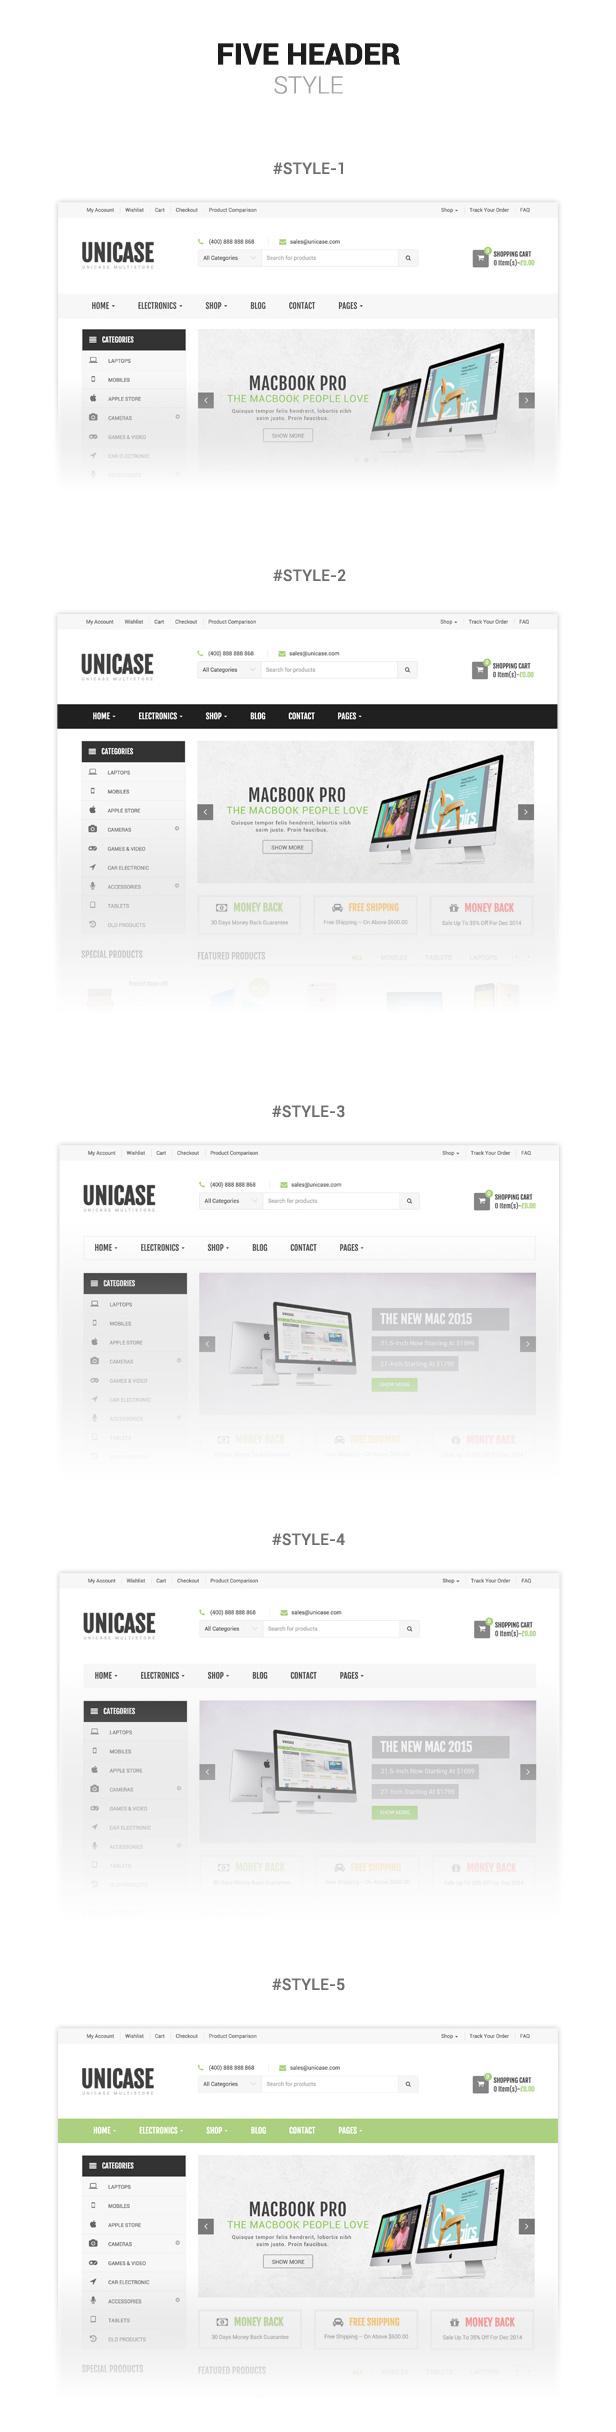 Unicase - Electronics Store WooCommerce Theme - 3